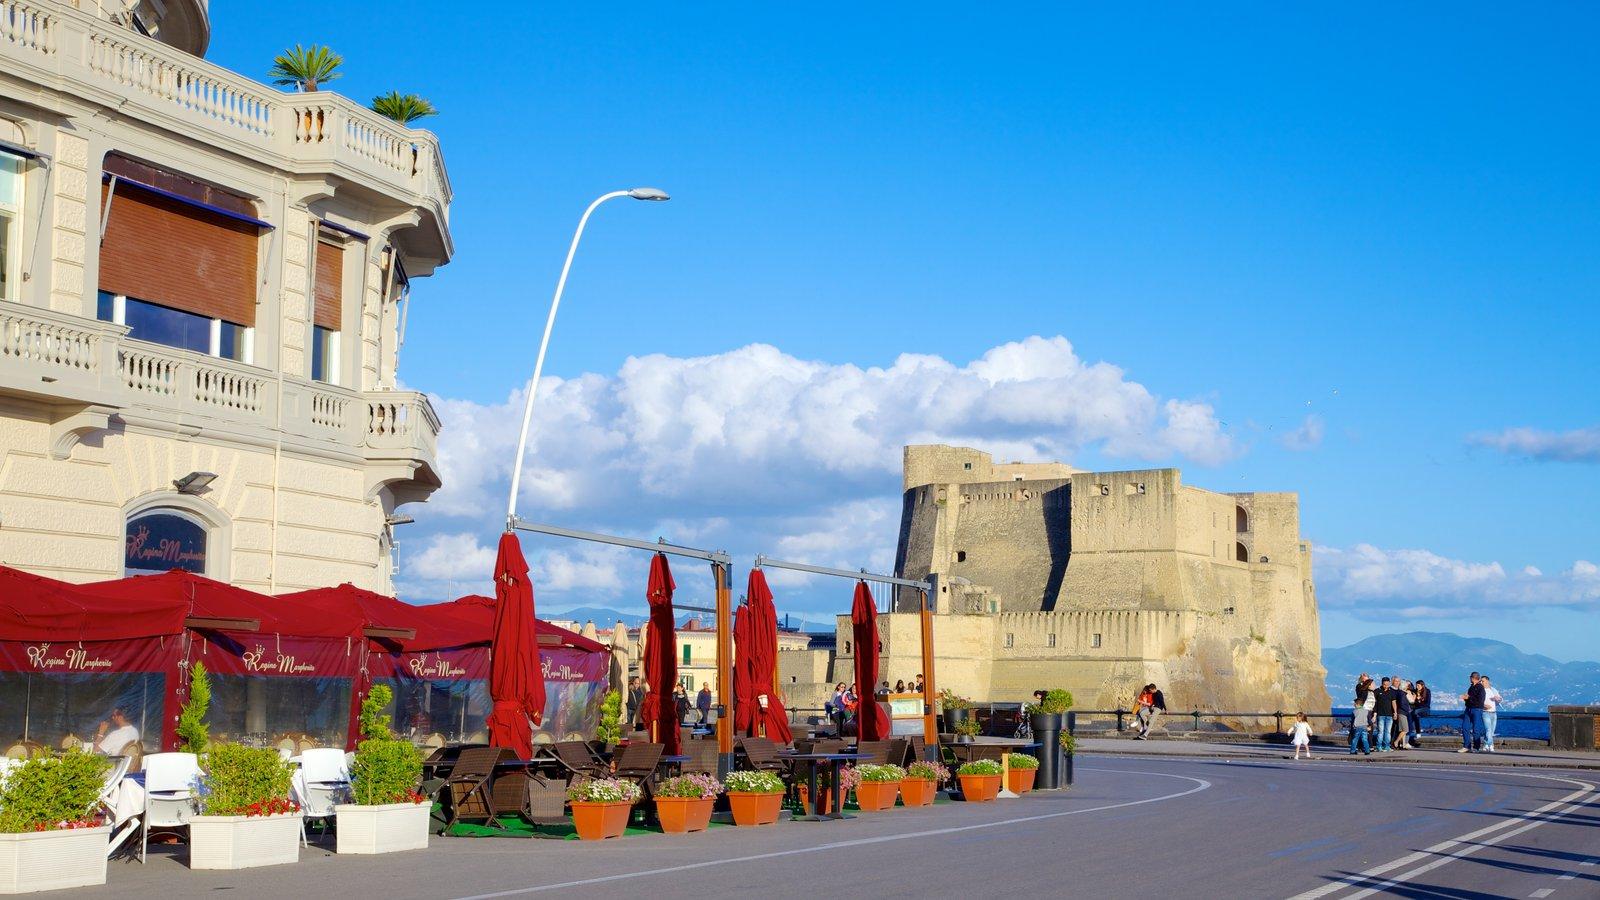 Castel dell\'Ovo which includes street scenes